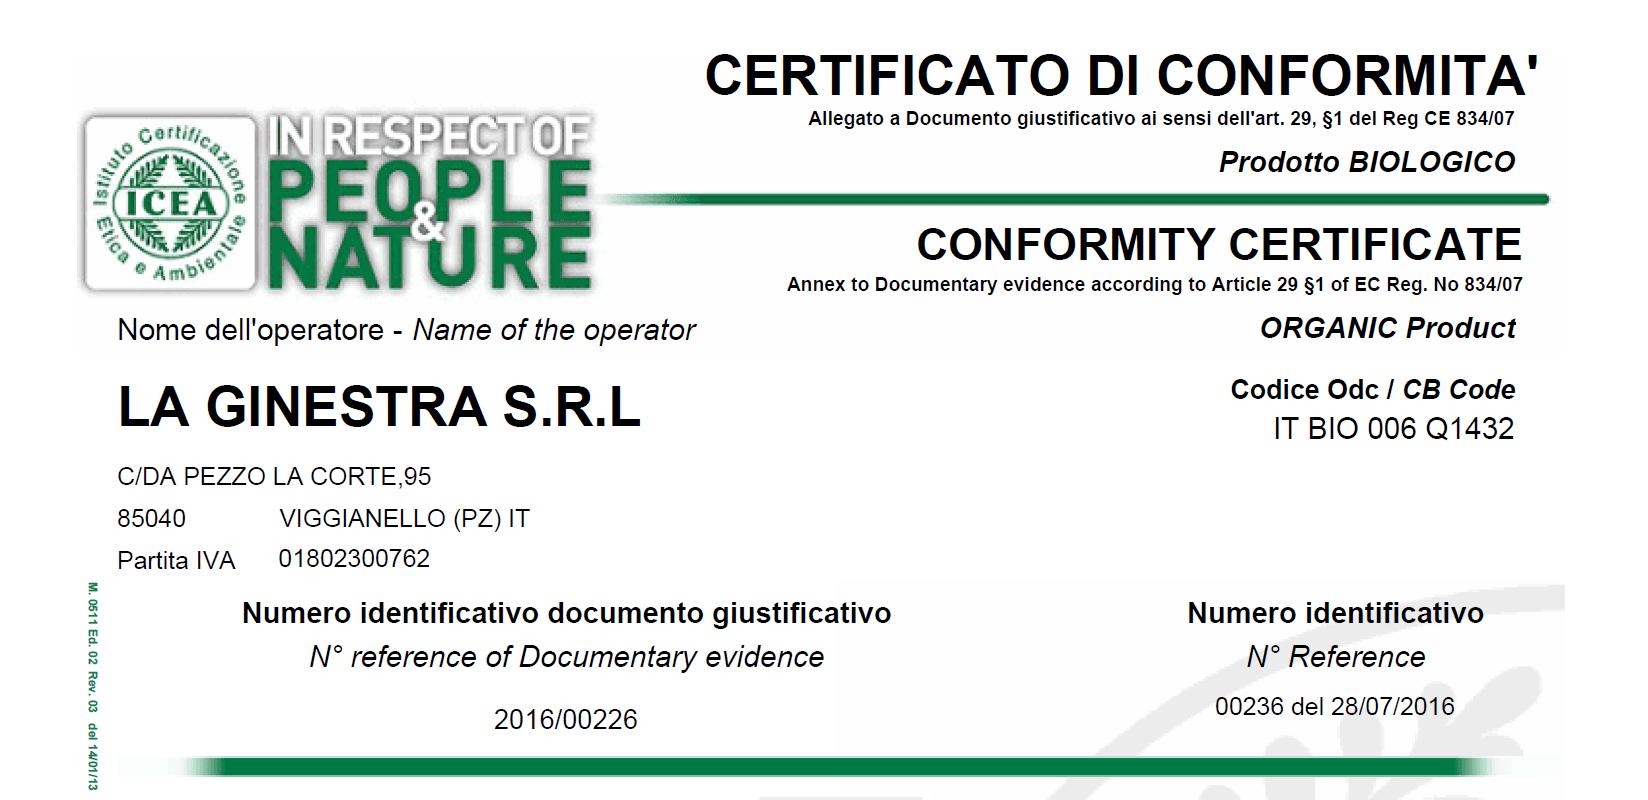 Certificato di conformità People&Nature per prodotti biologici